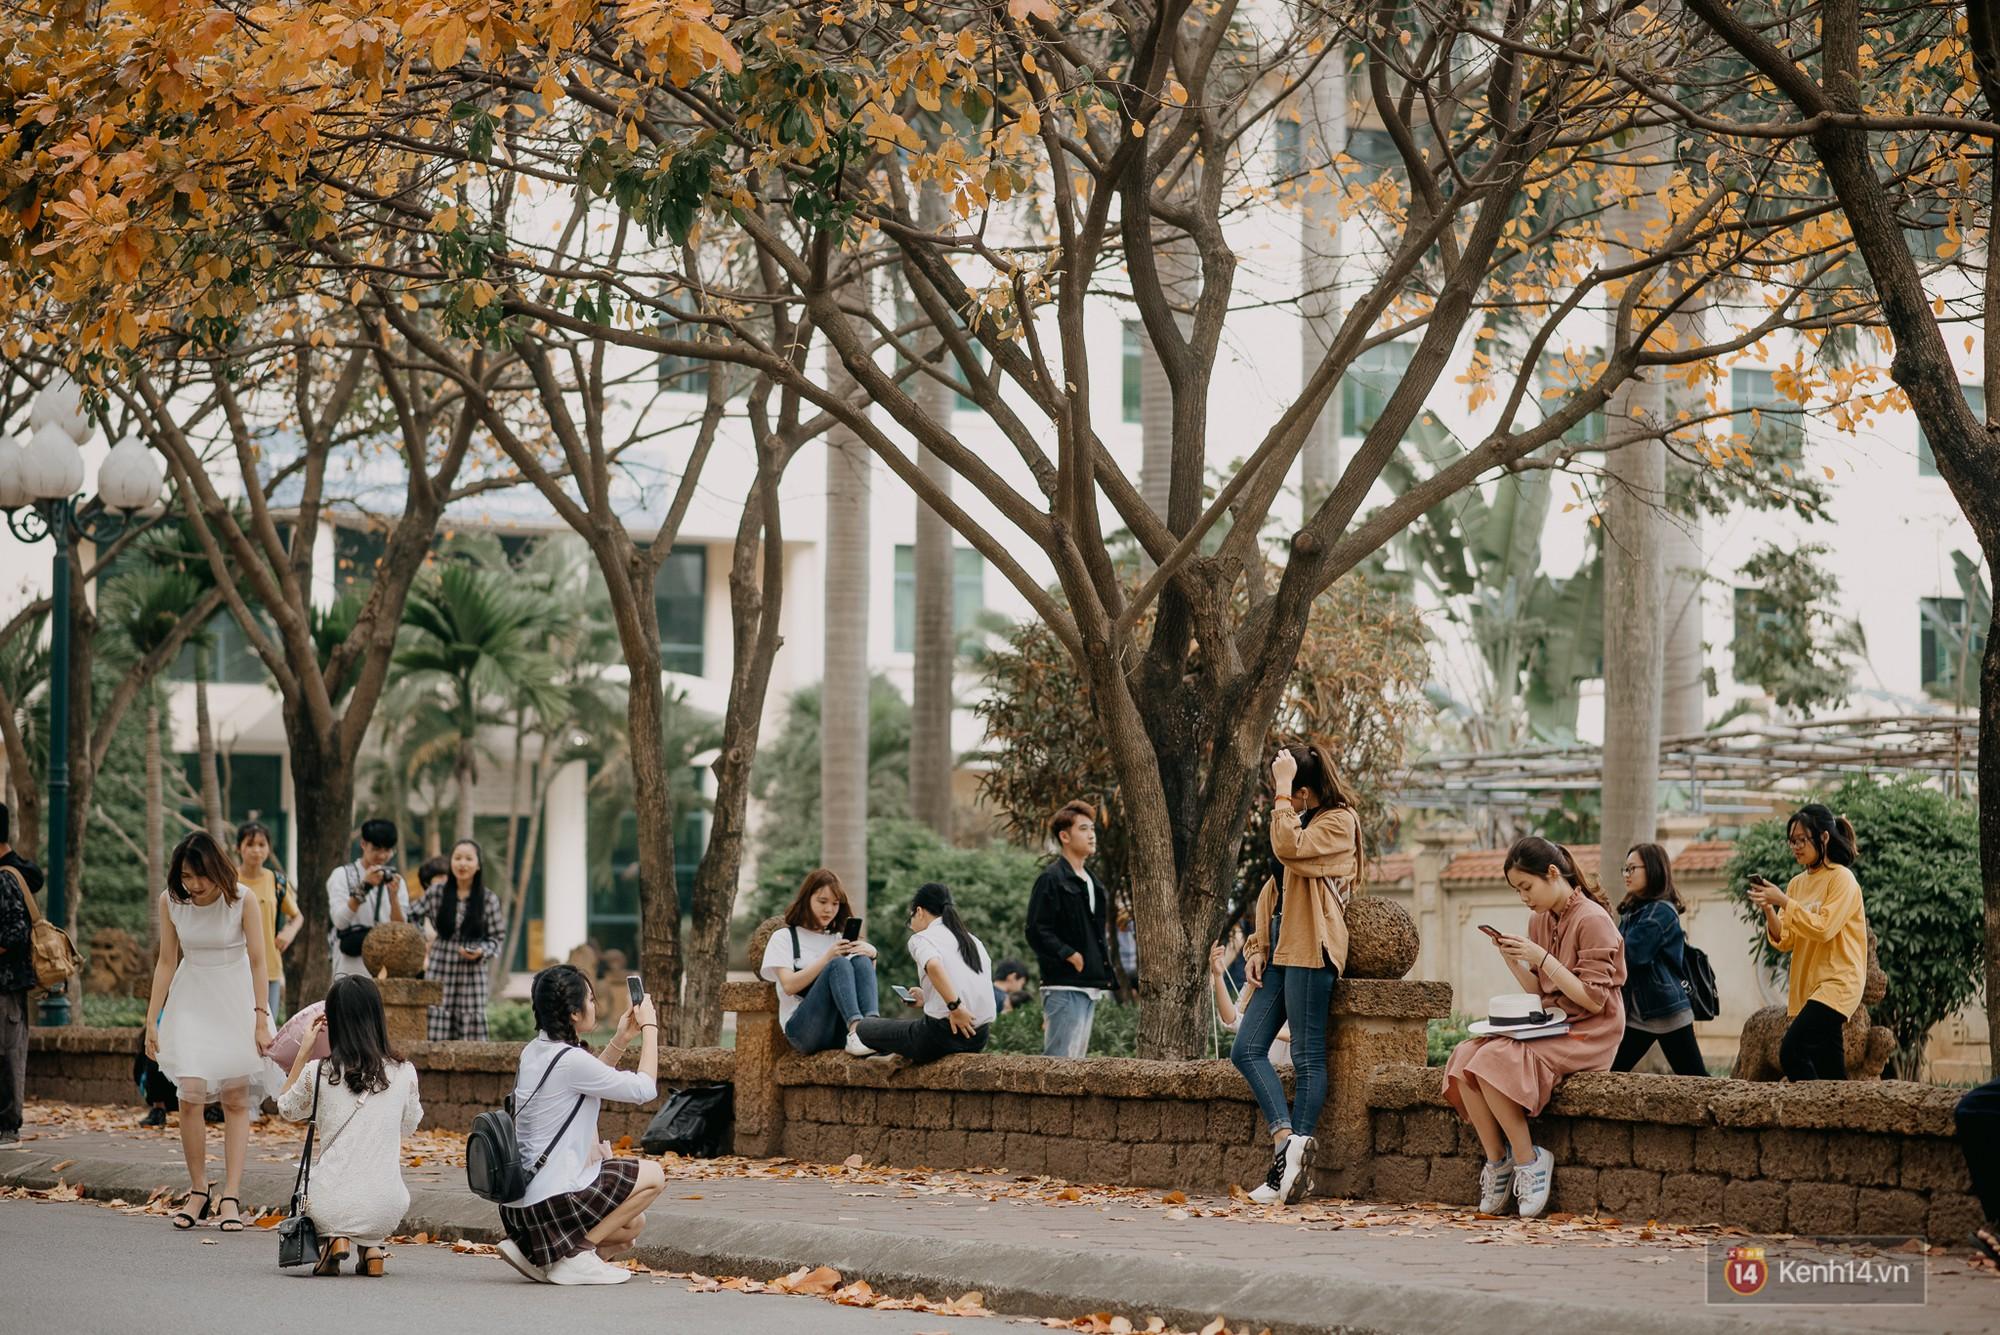 Sự thật phũ phàng tại con đường tình yêu đẹp nhất Hà Nội: Lá vàng rụng hết, người chật như nêm tranh chụp ảnh sống ảo - Ảnh 10.